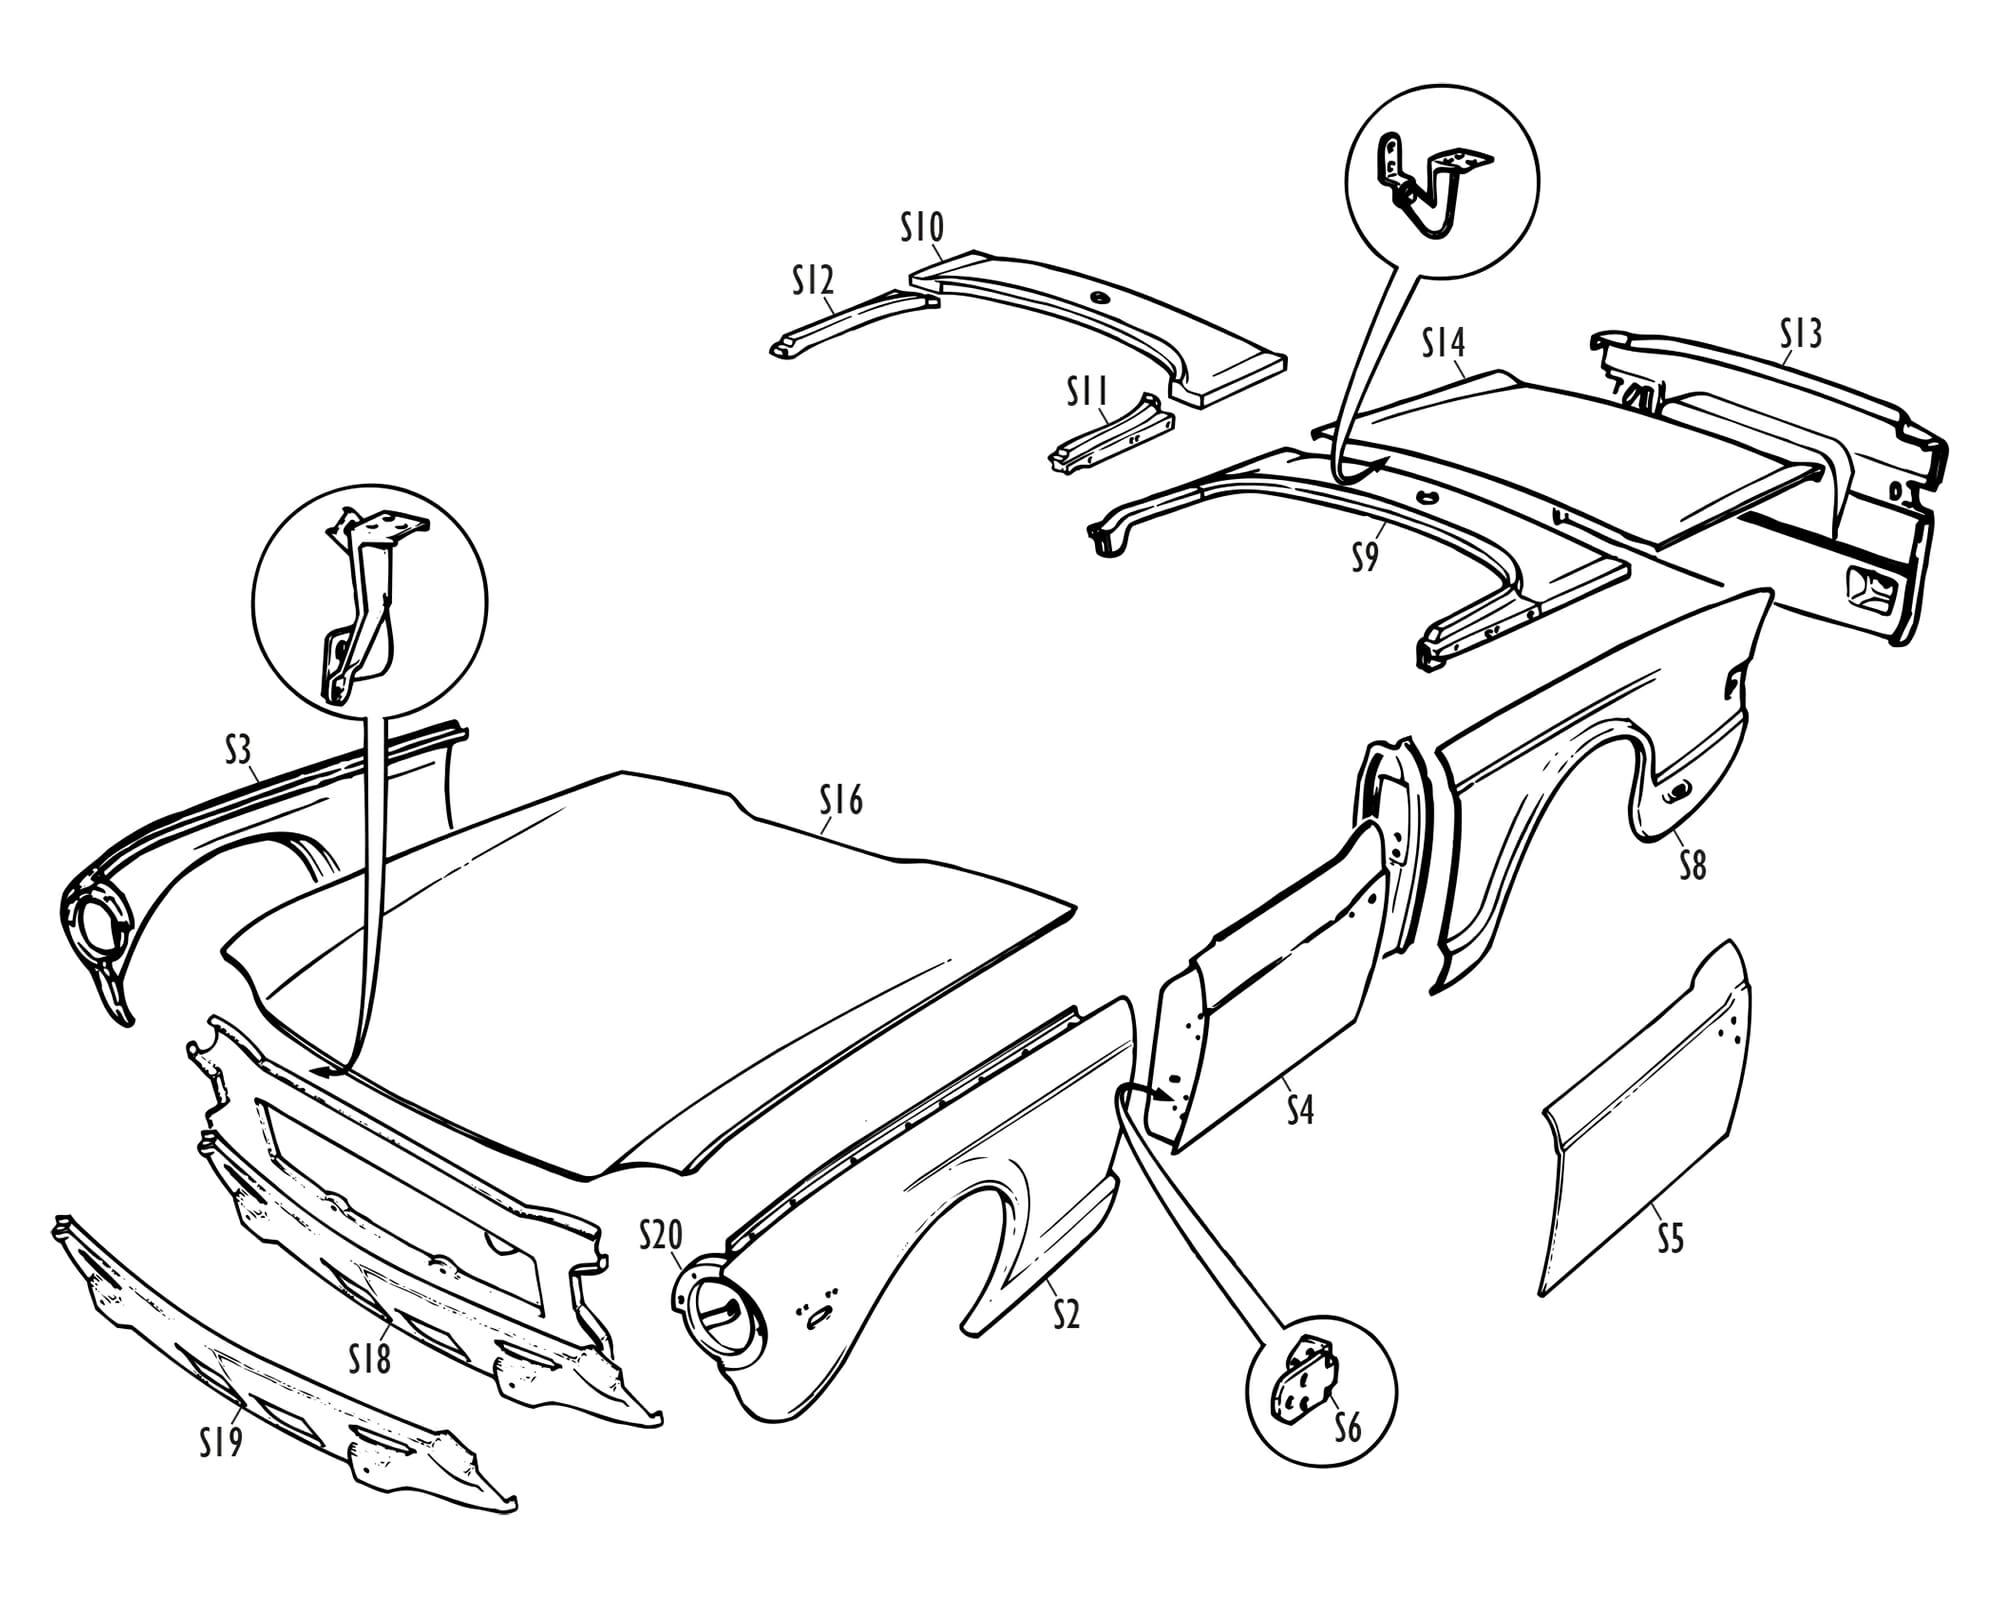 Triumph Parts - TR Skin Panels